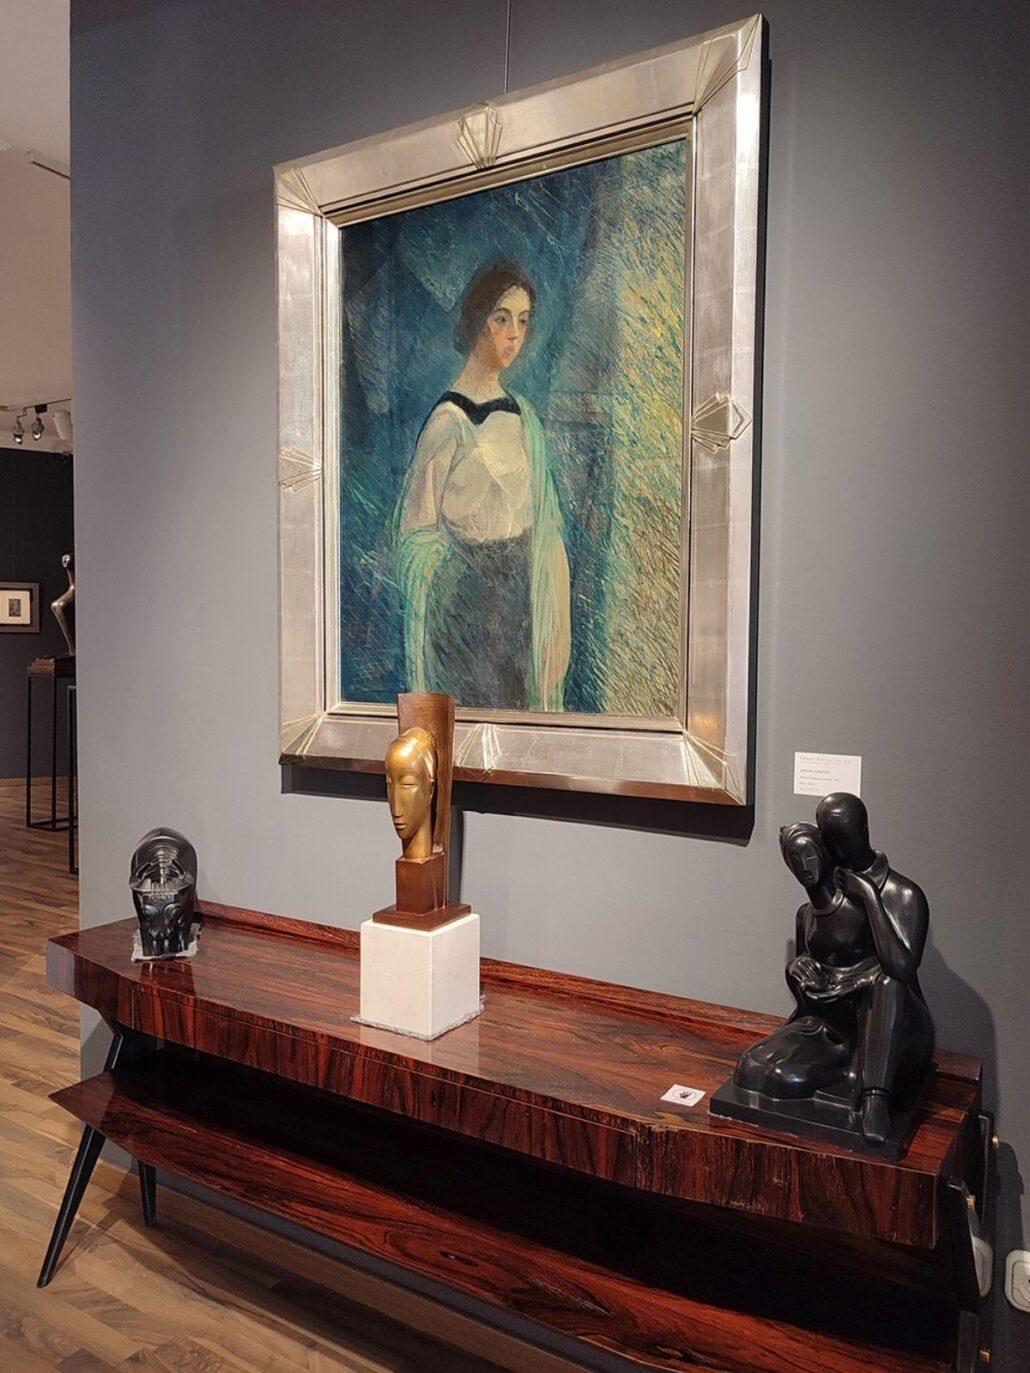 szoborkiallitas 4 Szoborkiállítás: A nagysikerű Magyar-Párizs kiállítás sorozat keretén belül jelenleg a szobrászművészek alkotásait mutatjuk be.